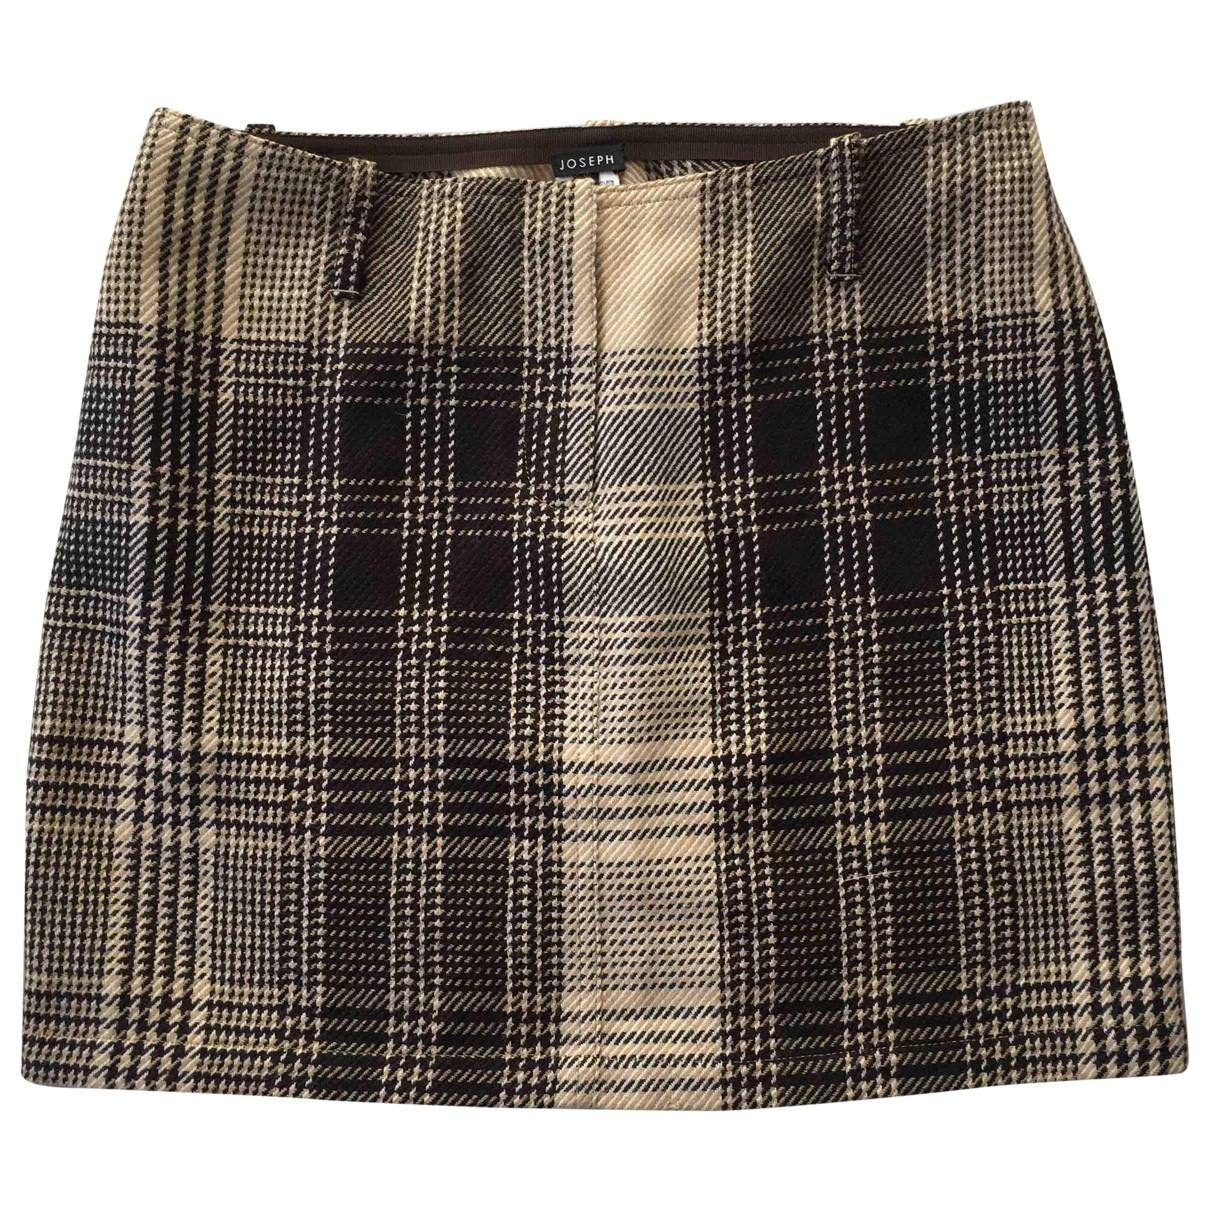 Joseph \N Beige Wool skirt for Women S International